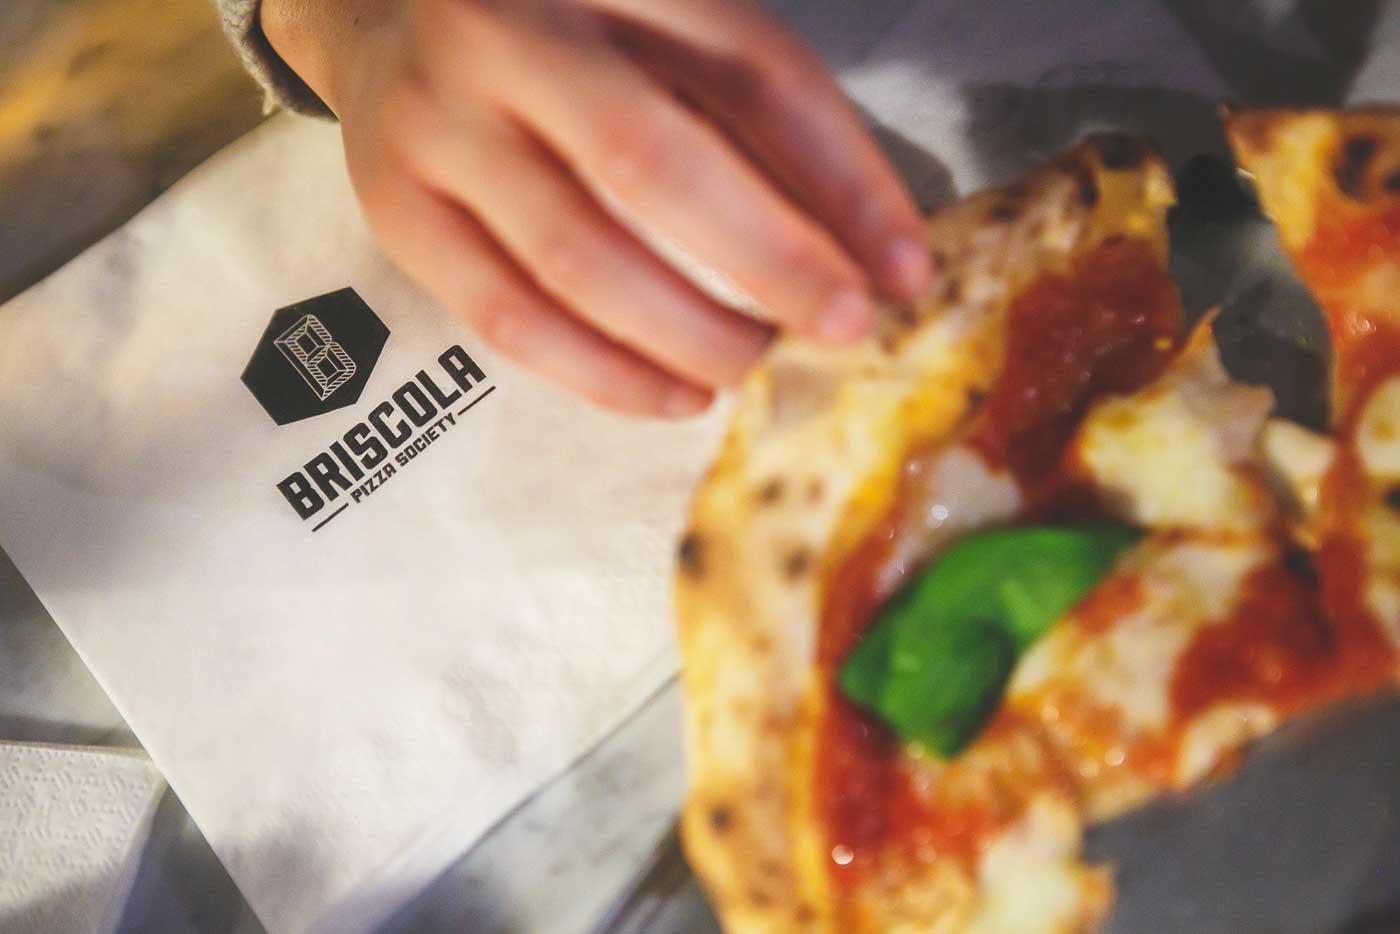 Briscola - Pizza Society | Margherita